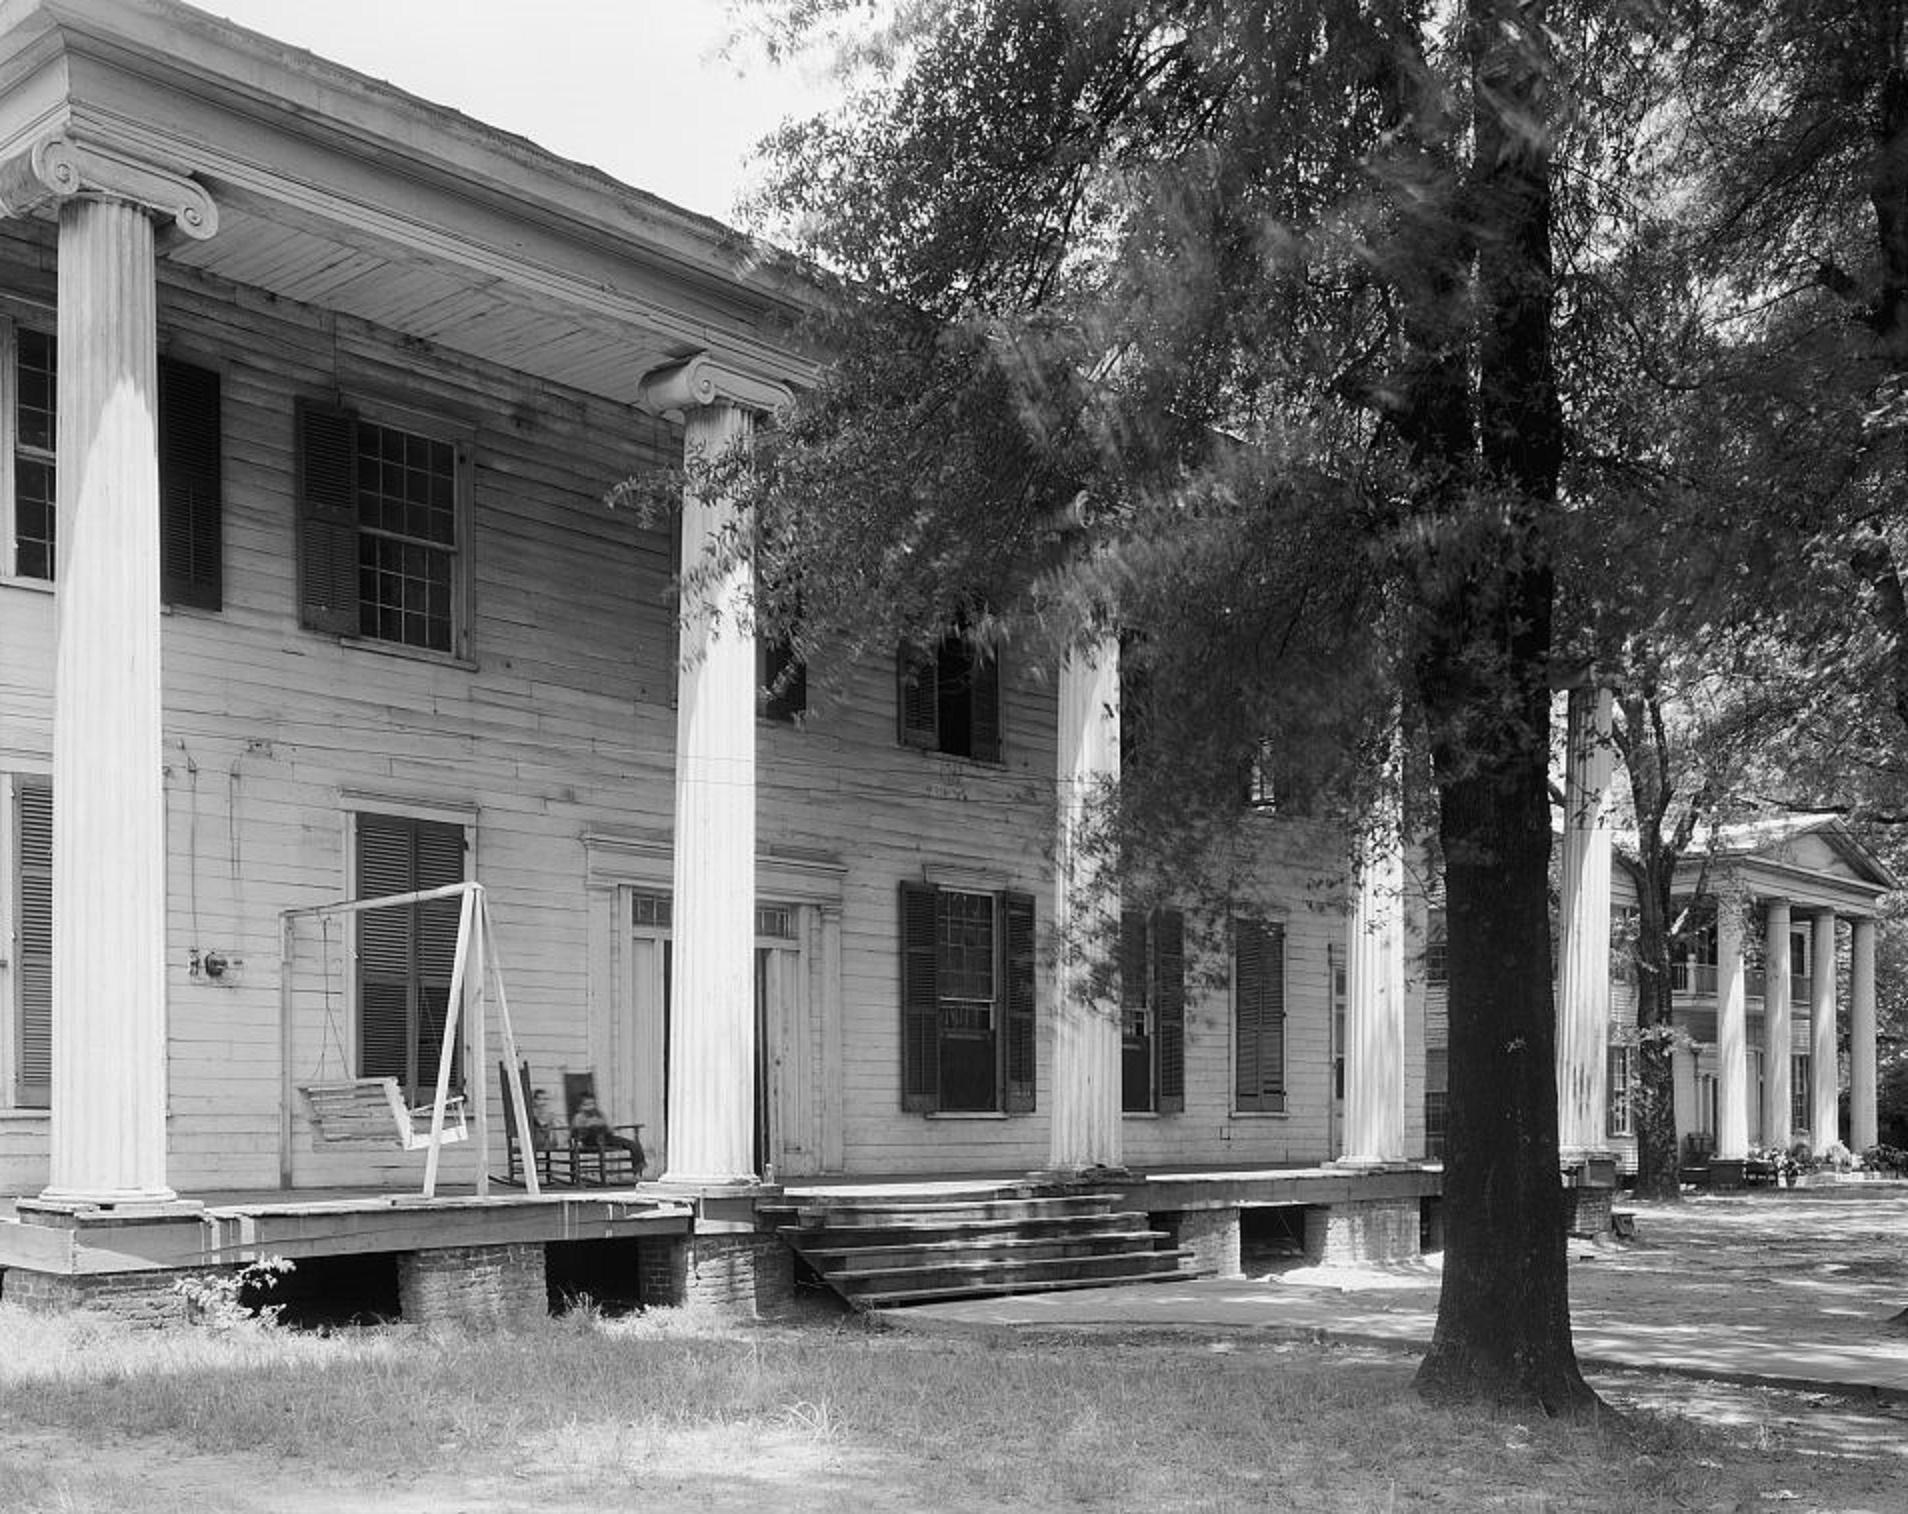 Eutaw Female Academy, also known as the Mesopotamia Female Seminary, Eutaw, Greene County, Alabama2 1939 by photographer Frances Benjamin Johnston